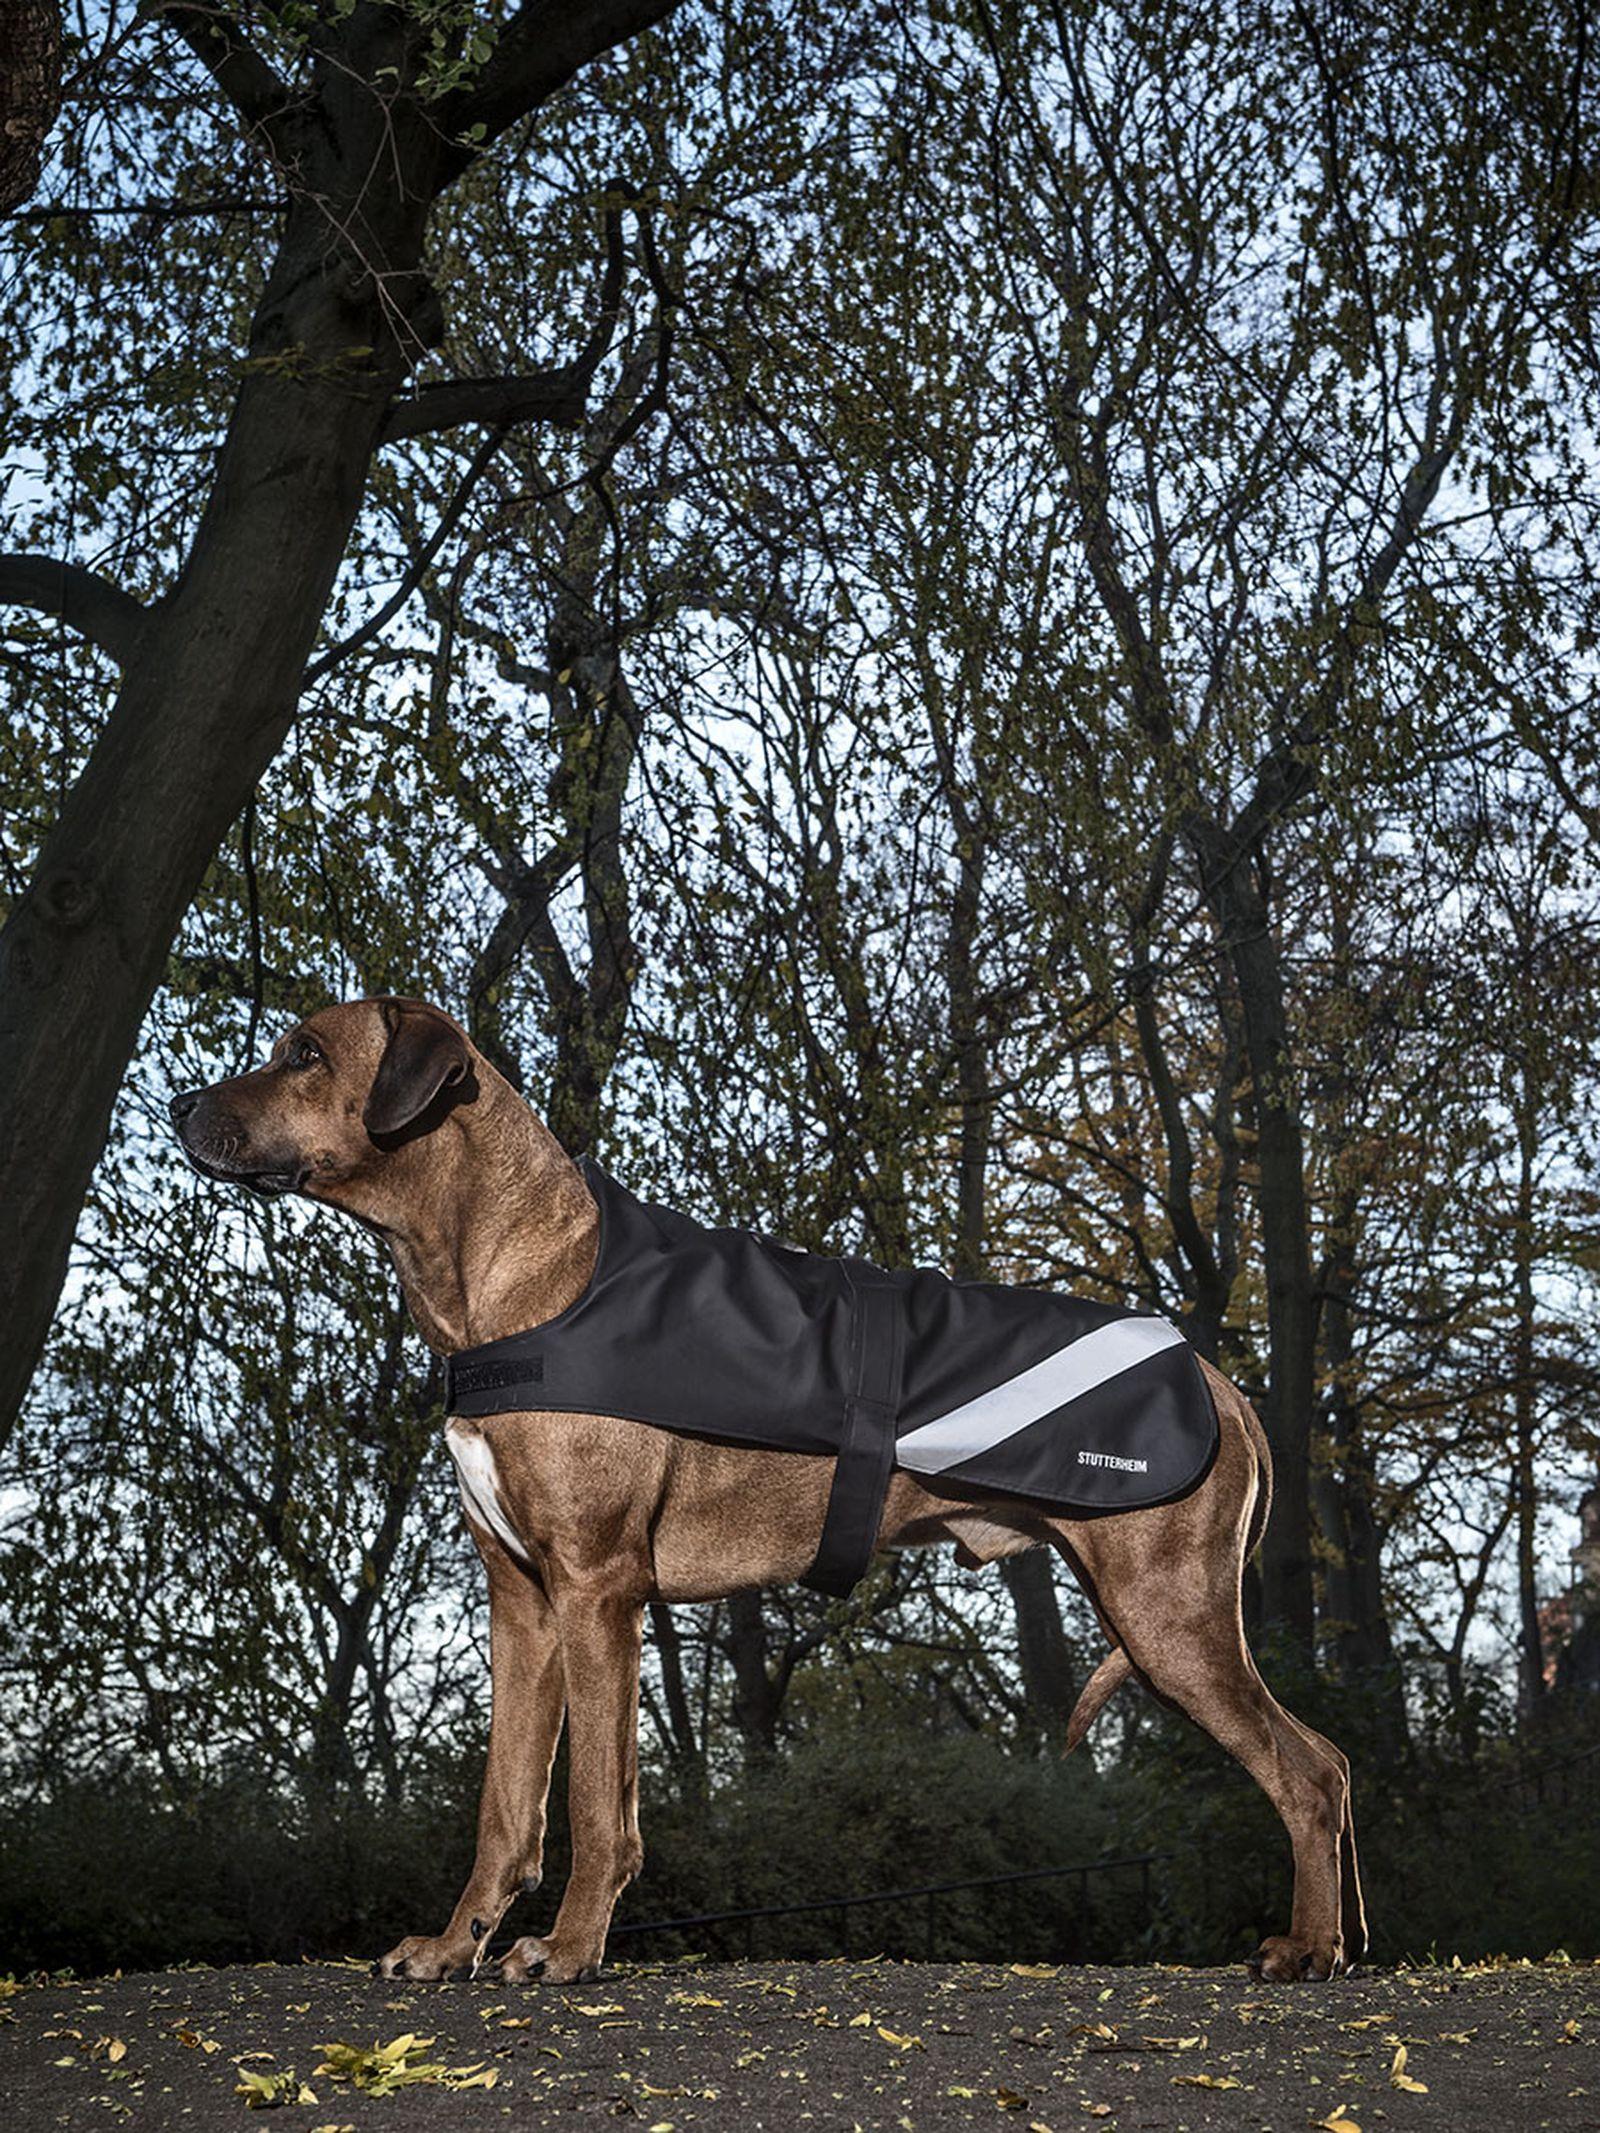 Stutterheim dog raincoats